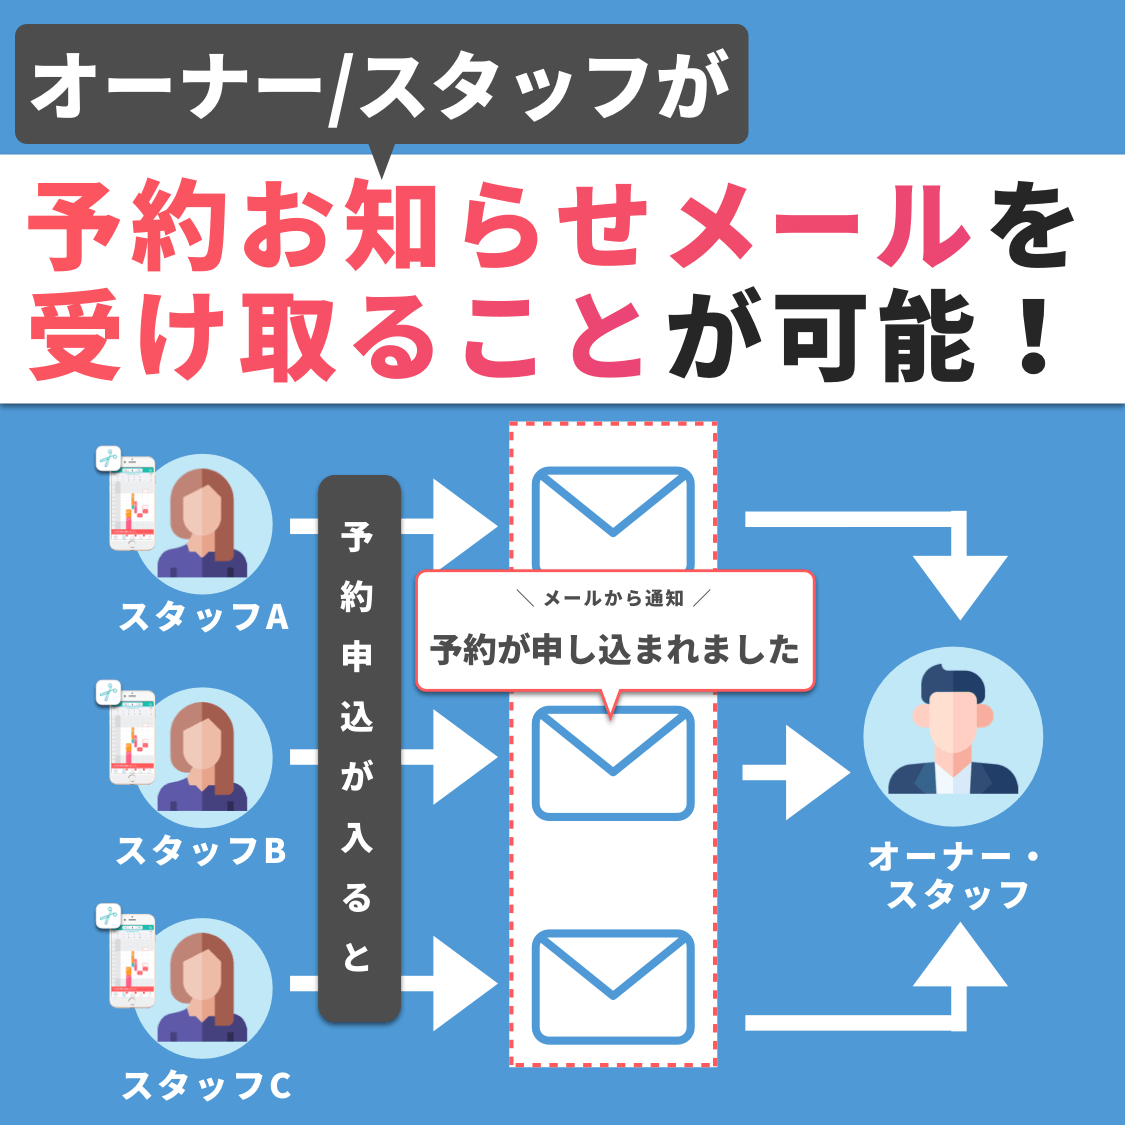 オーナー/スタッフが予約お知らせメールを受け取ることが可能!